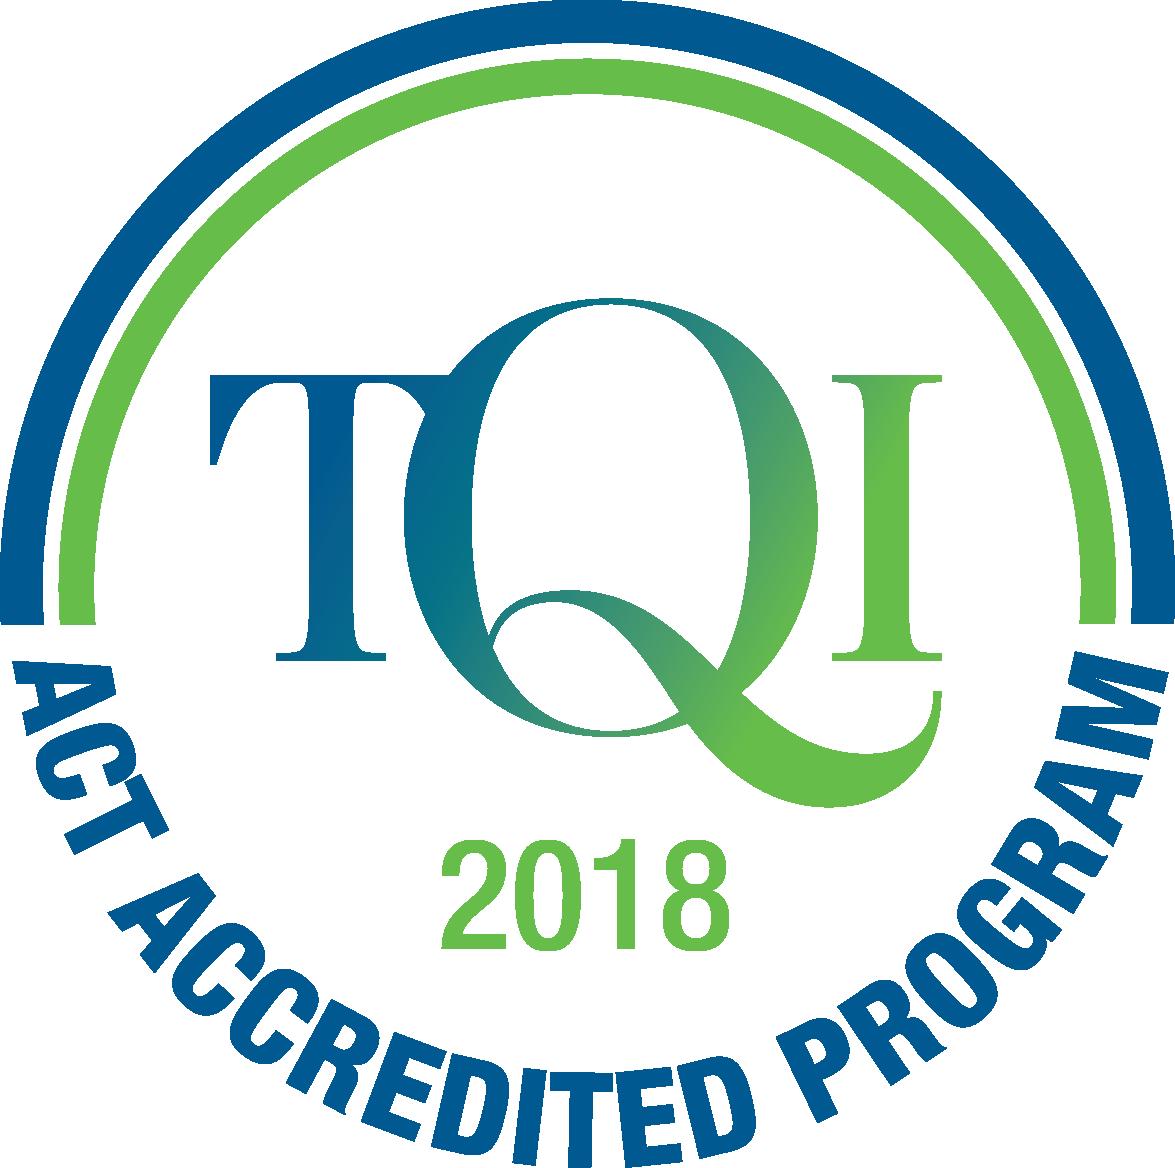 Image result for TQI logo 2018 image